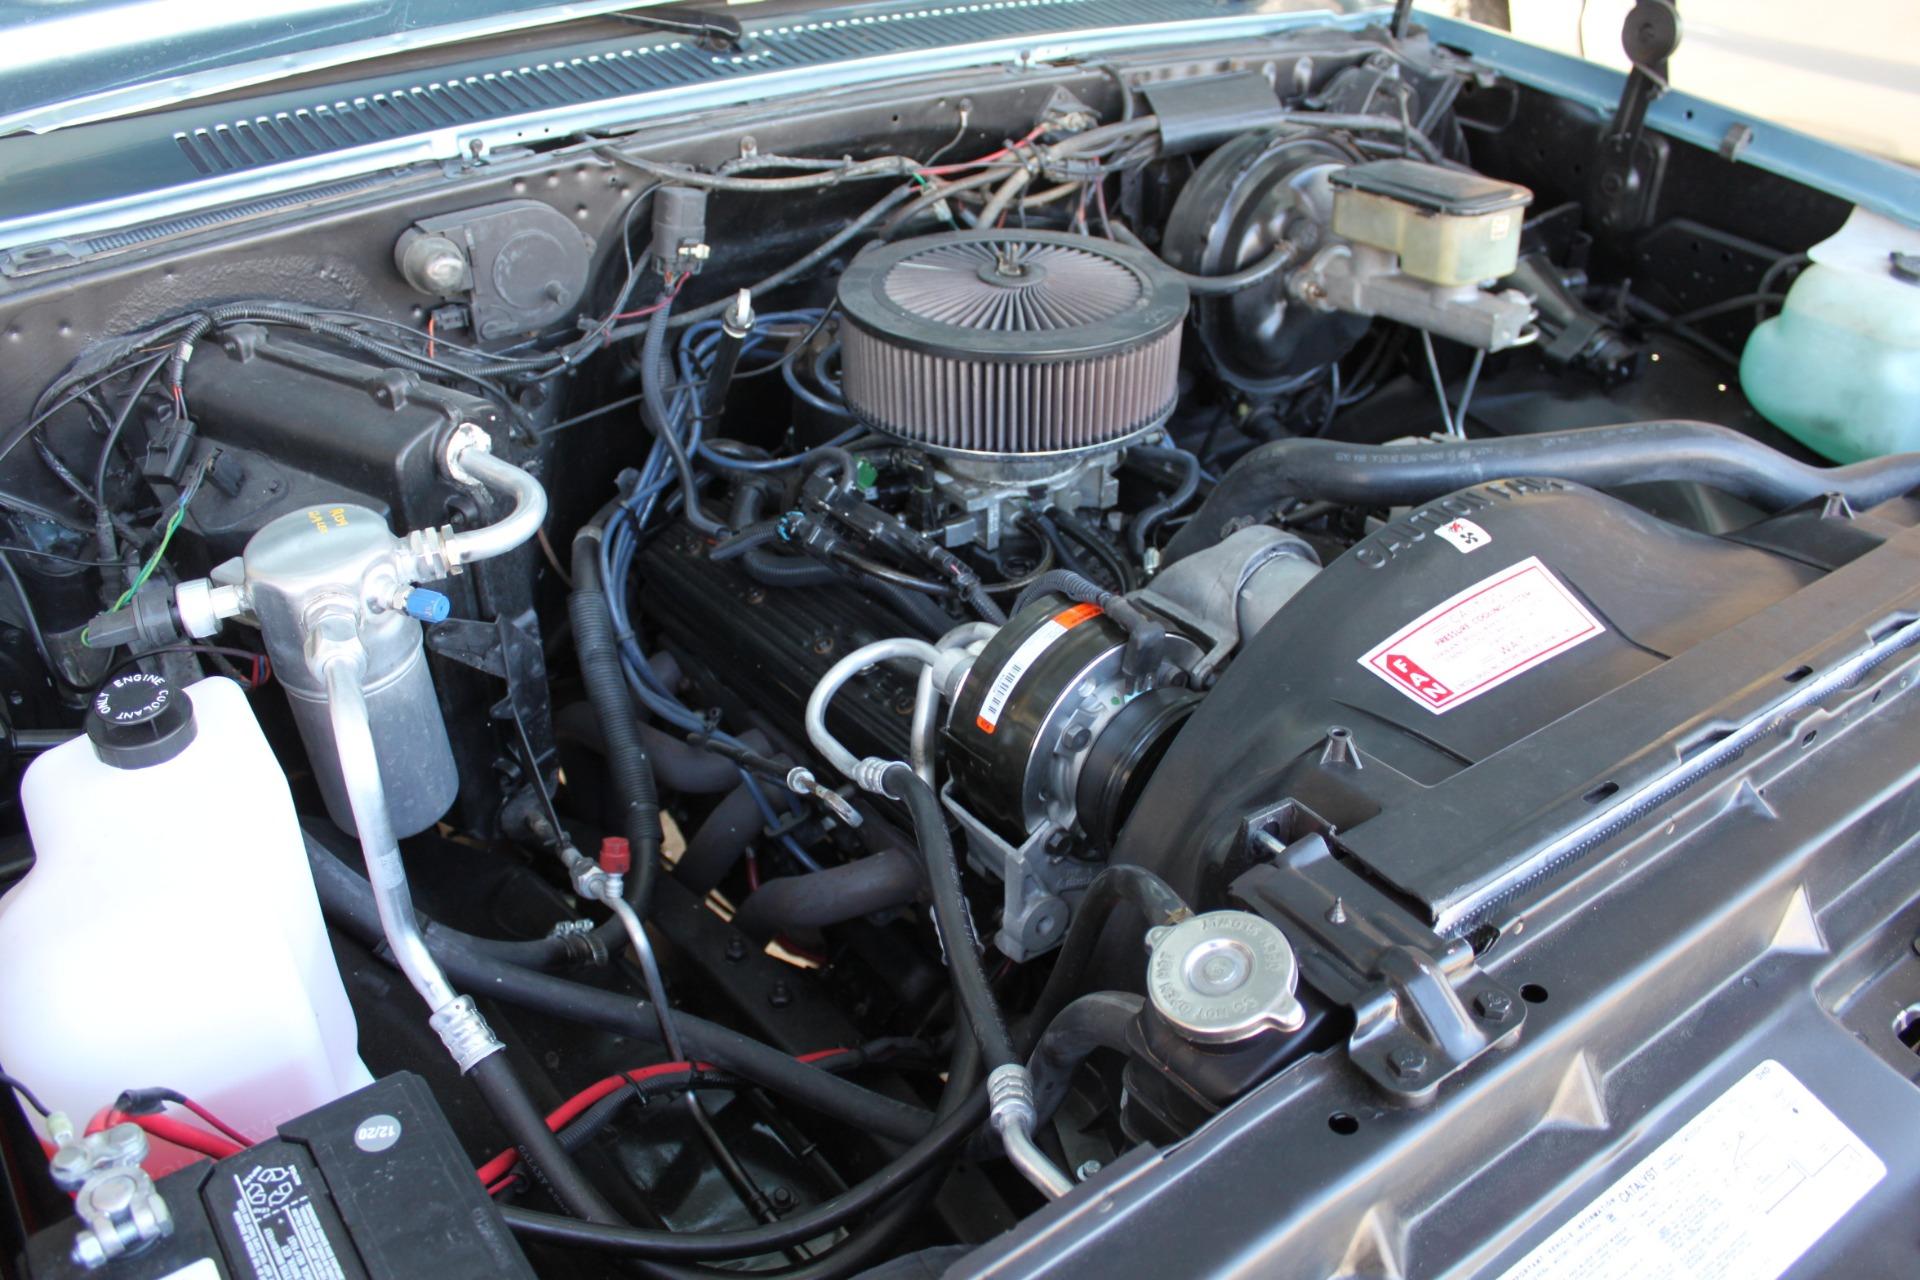 Used-1989-Chevrolet-K5-Blazer-4X4-Toyota